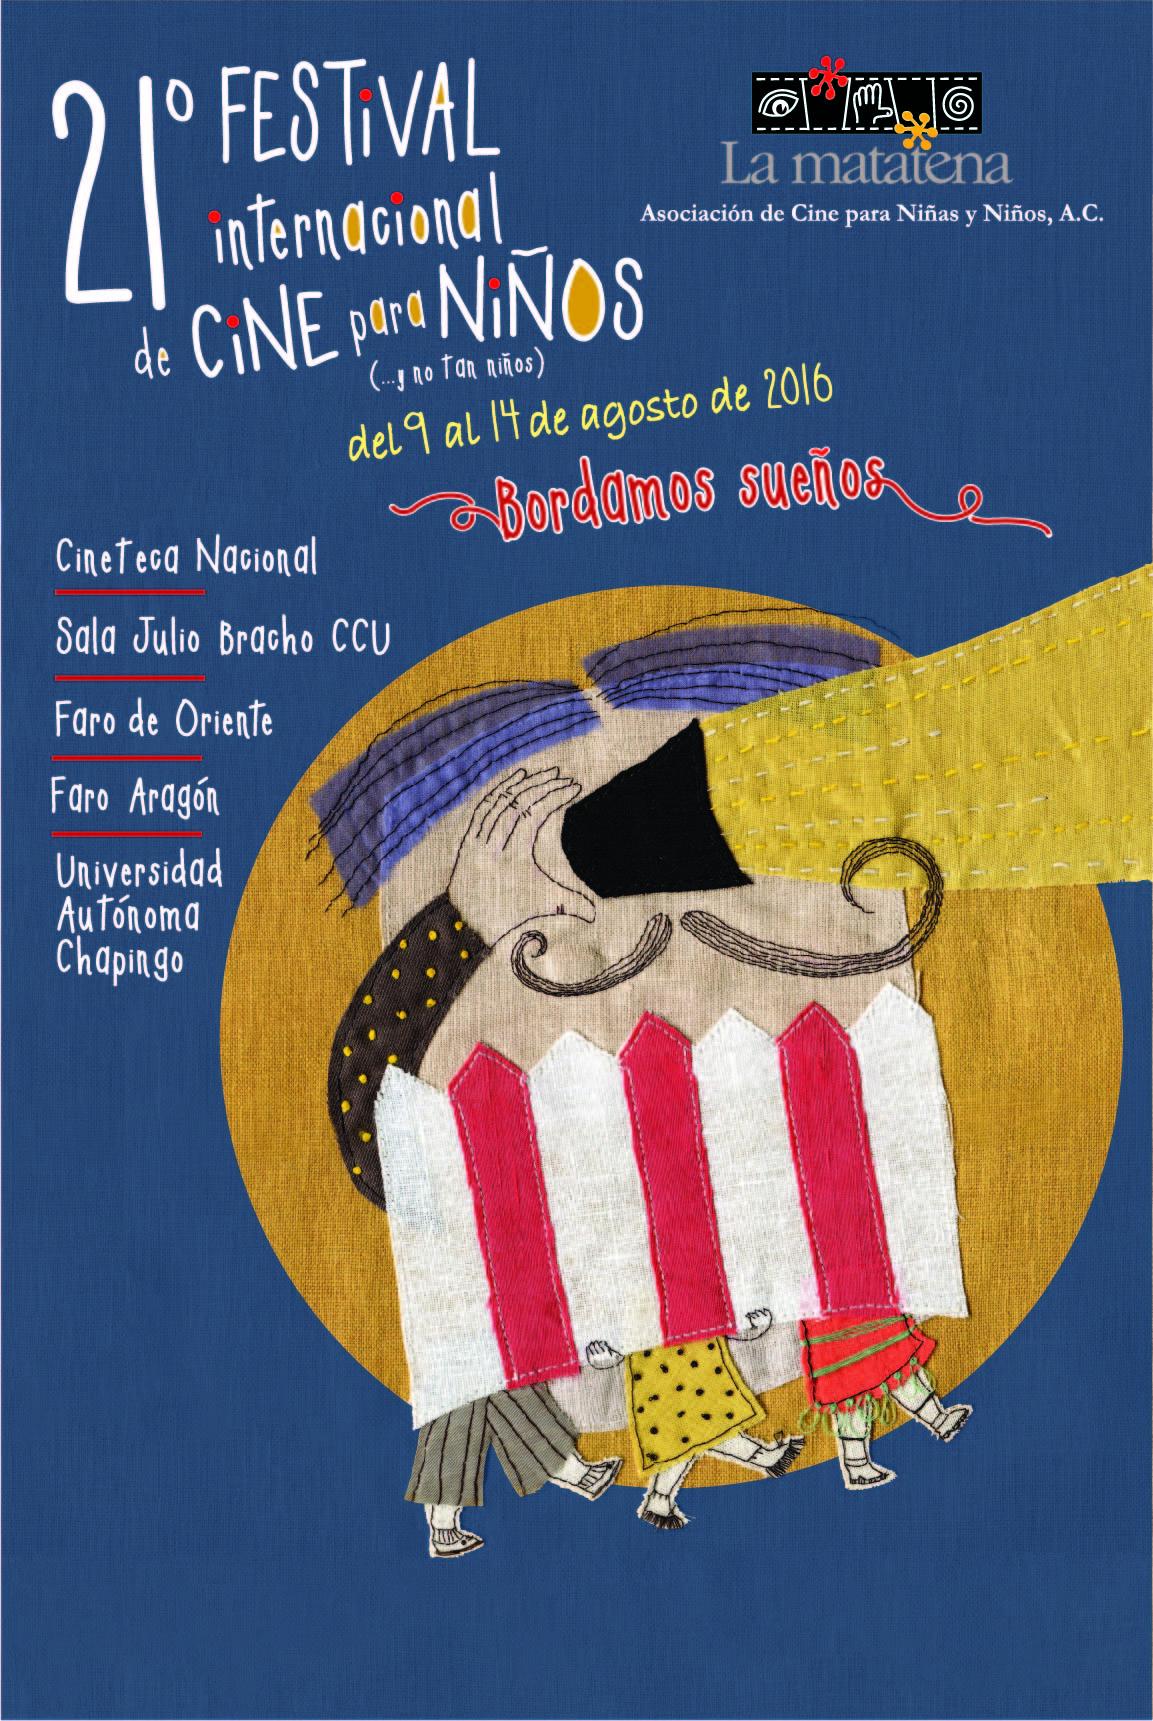 Cartel del 21° Festival Internacional de Cine para Niños (...y no tan Niños)